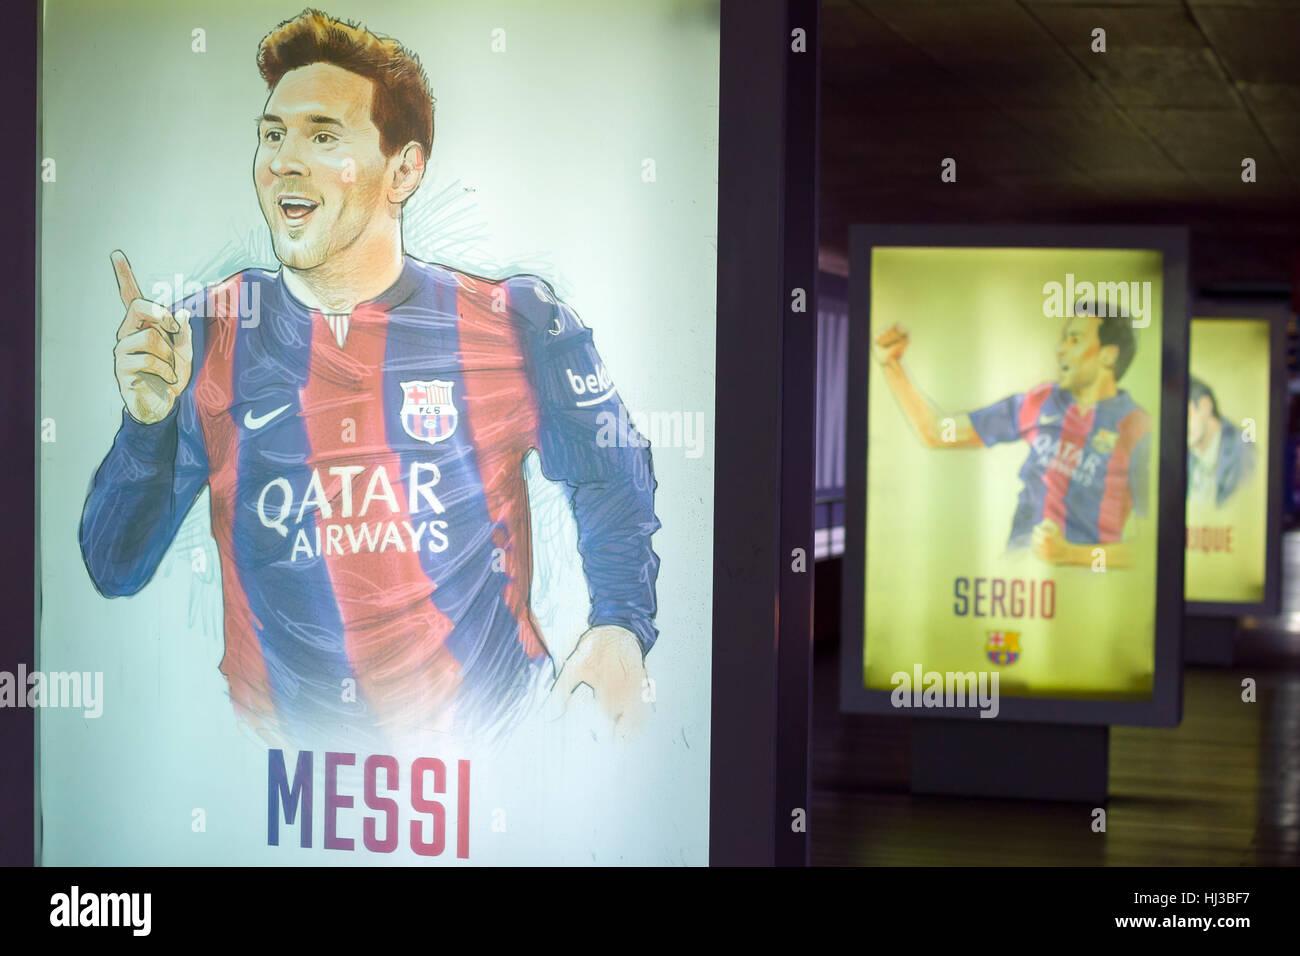 Barcelona, Spanien - 22. September 2014: Handgezeichnete Fußballer Plakate im Museum FC Barcelona. Lionel Messi. Stockbild